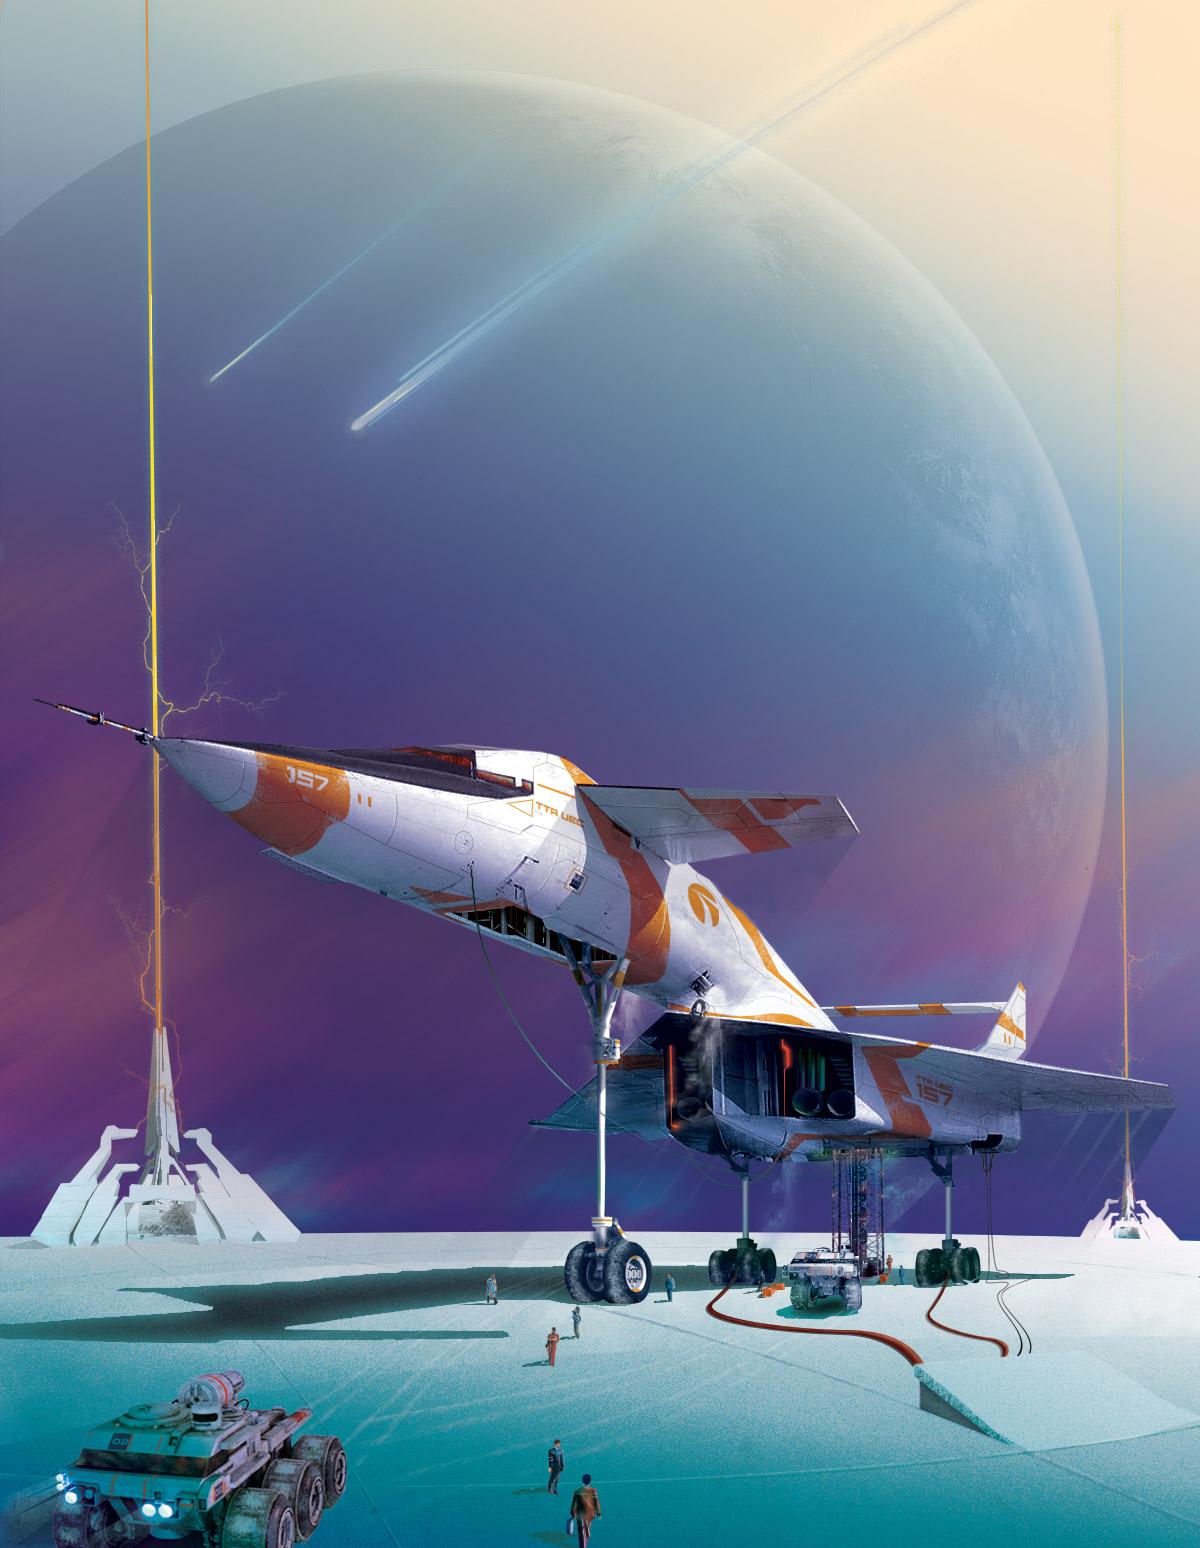 Sci-Fi-art-707439.jpeg - -